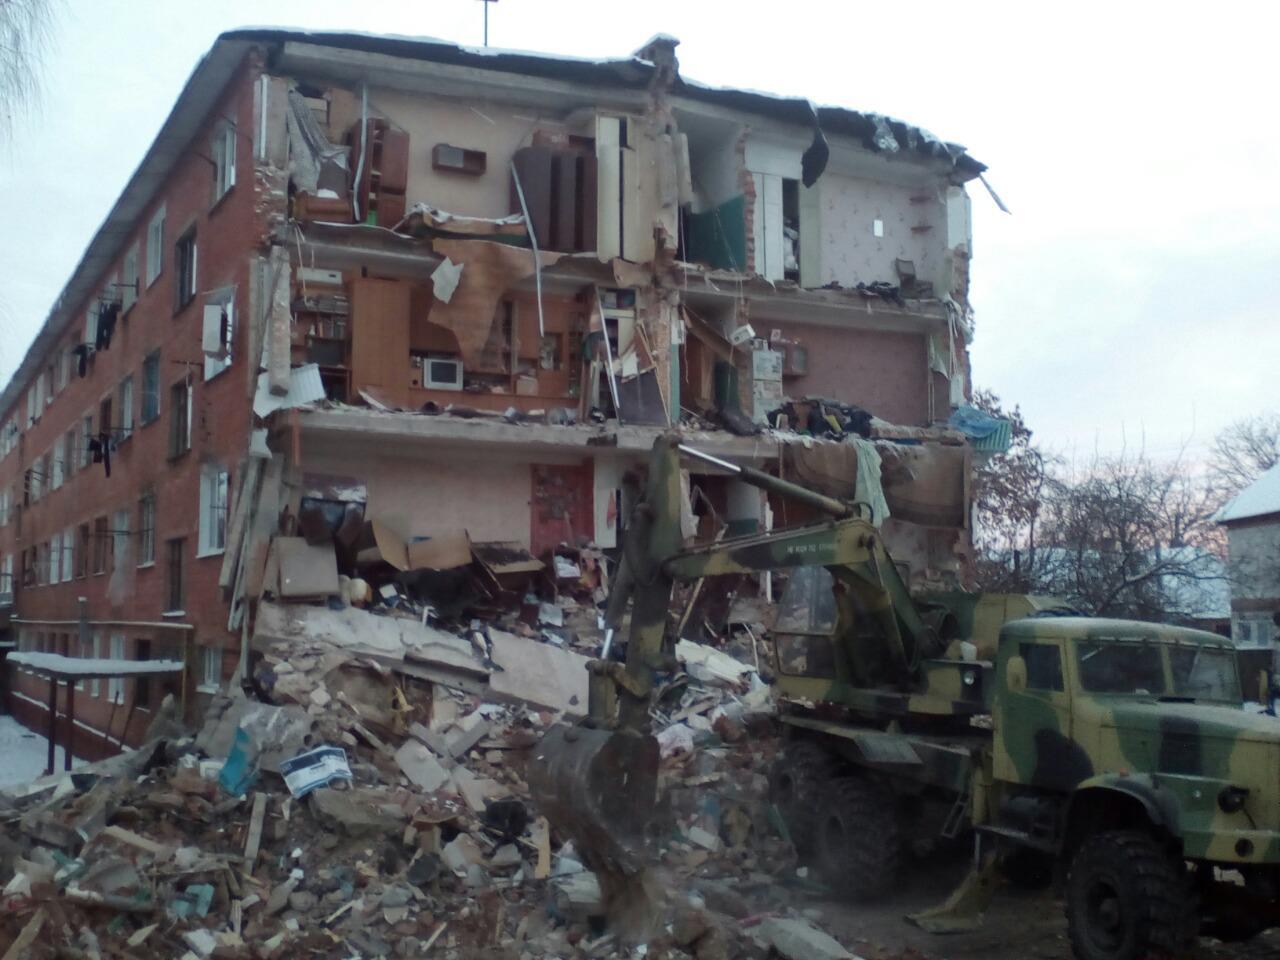 Обвал общежития в Чернигове: Стала известна судьба пострадавших